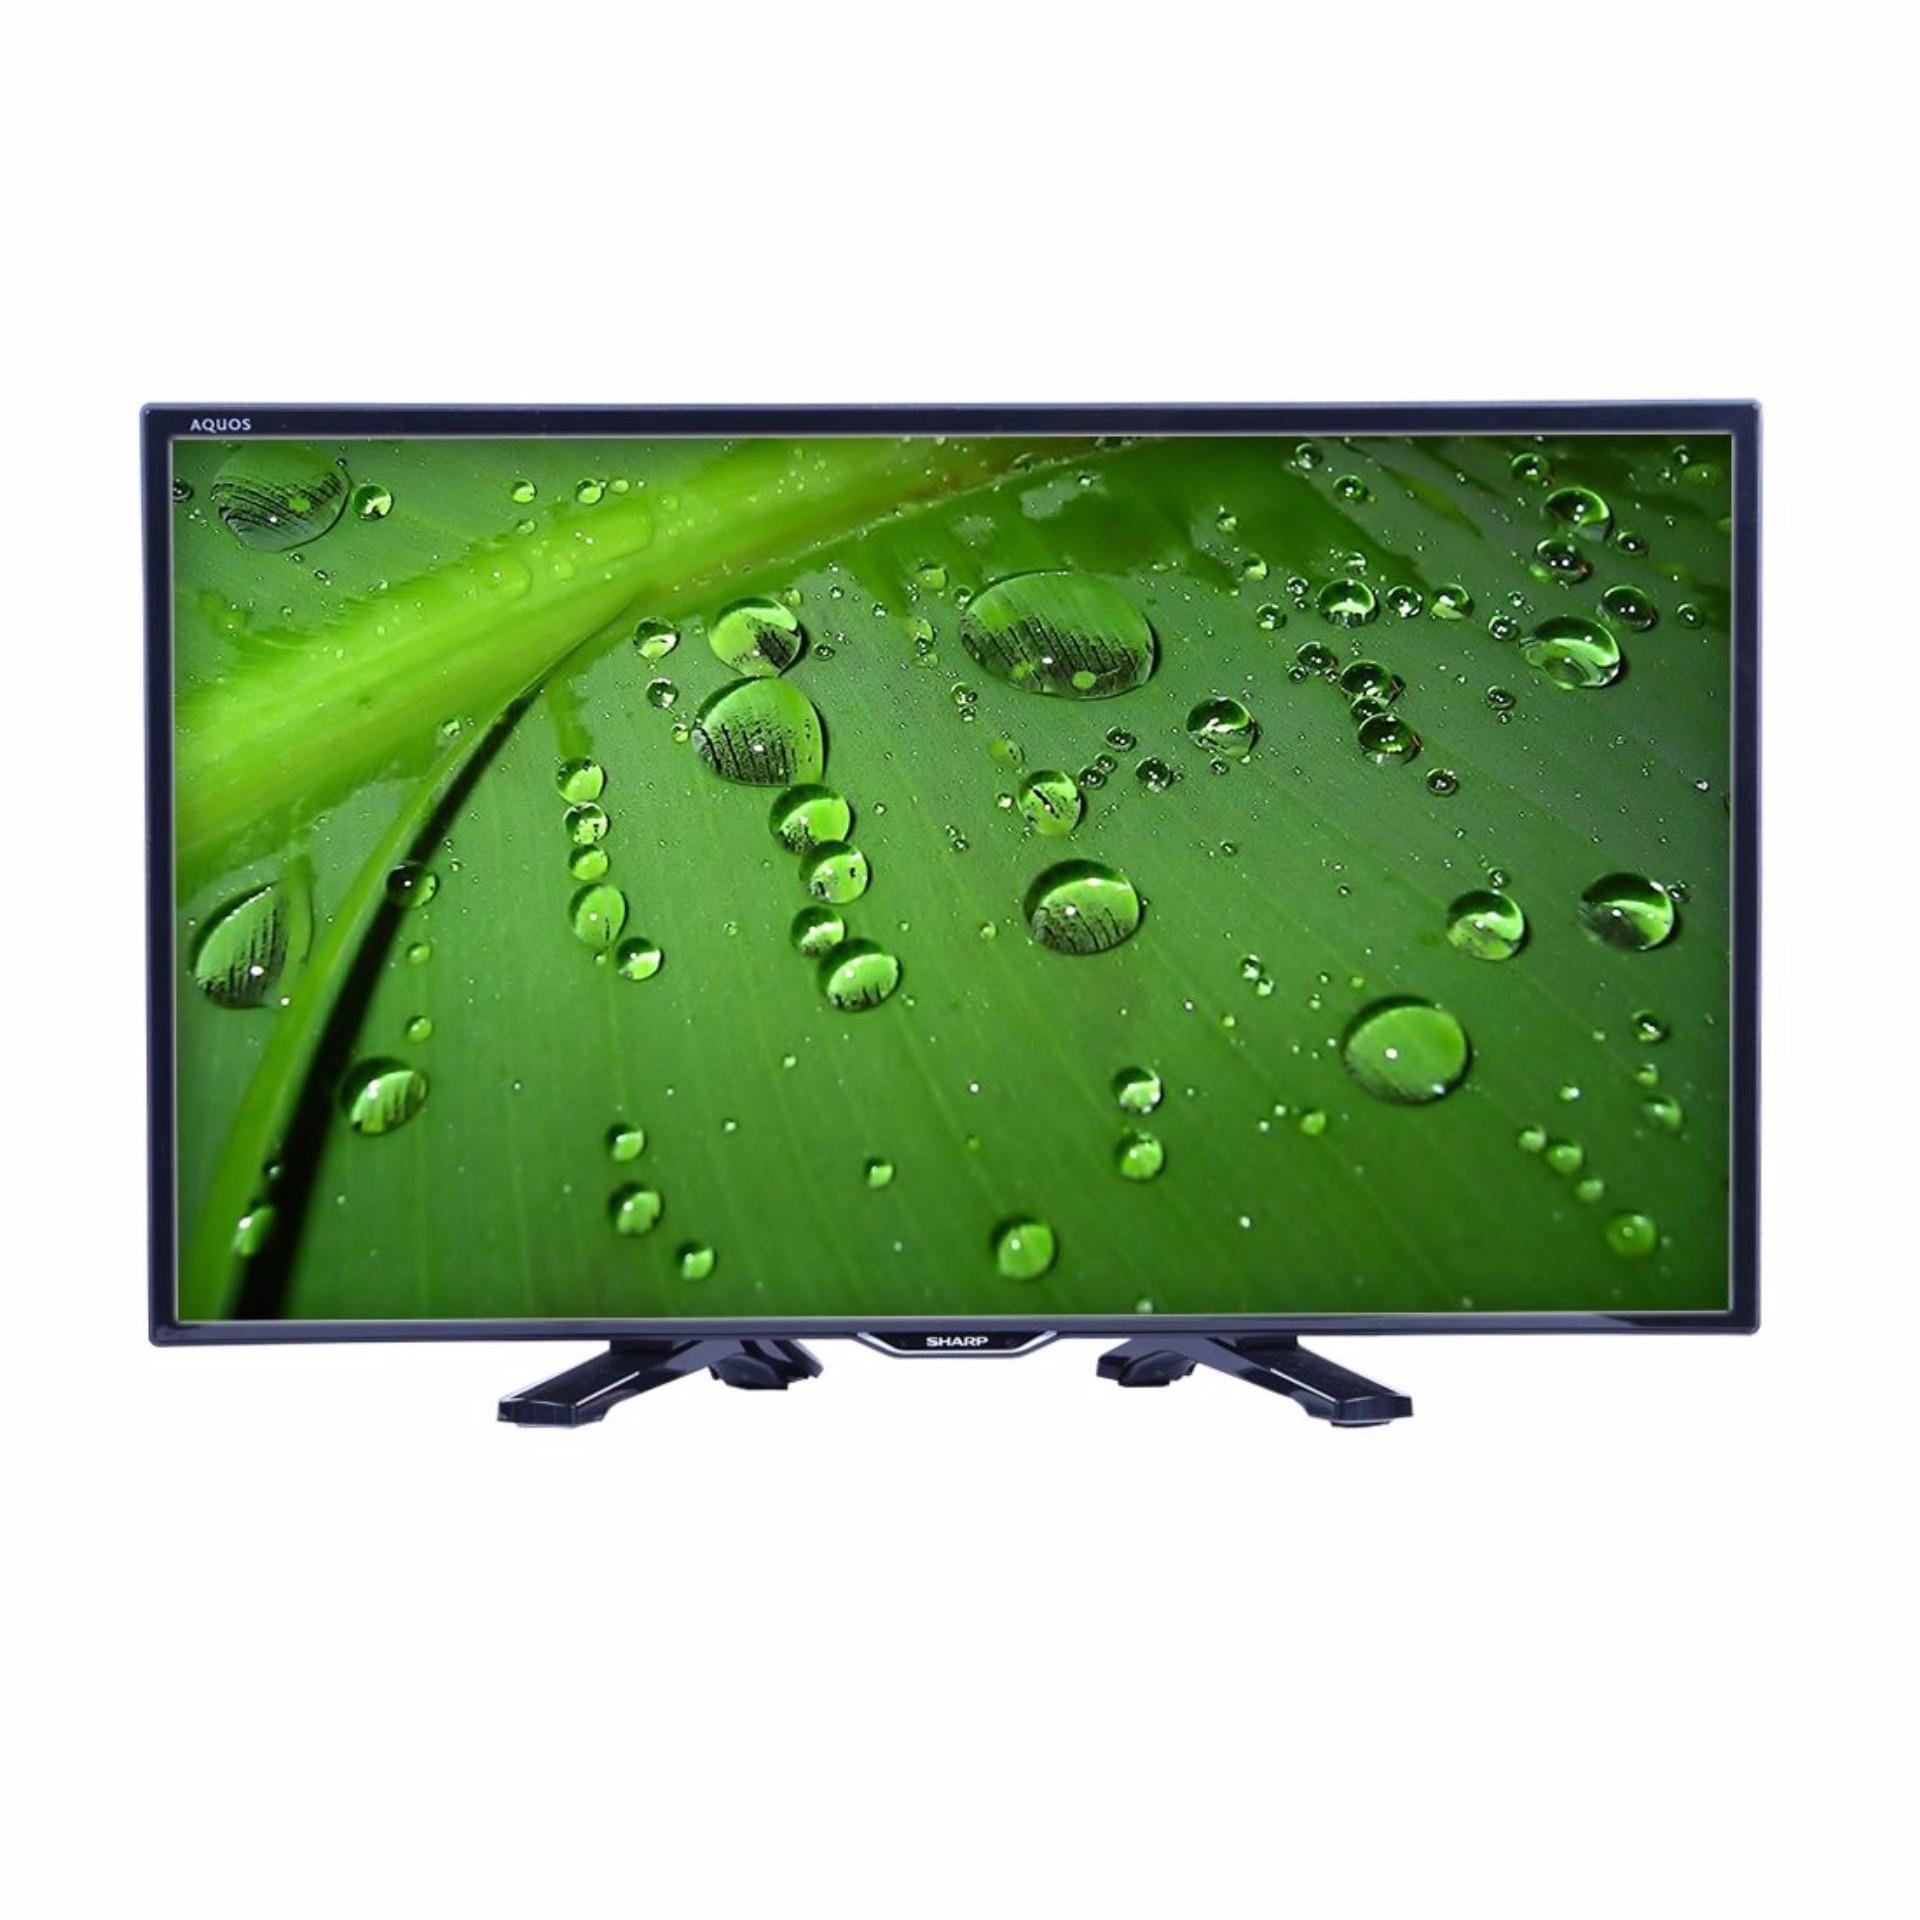 SHARP - Smart TV - 24 inch - 720p - LC-24LE175I